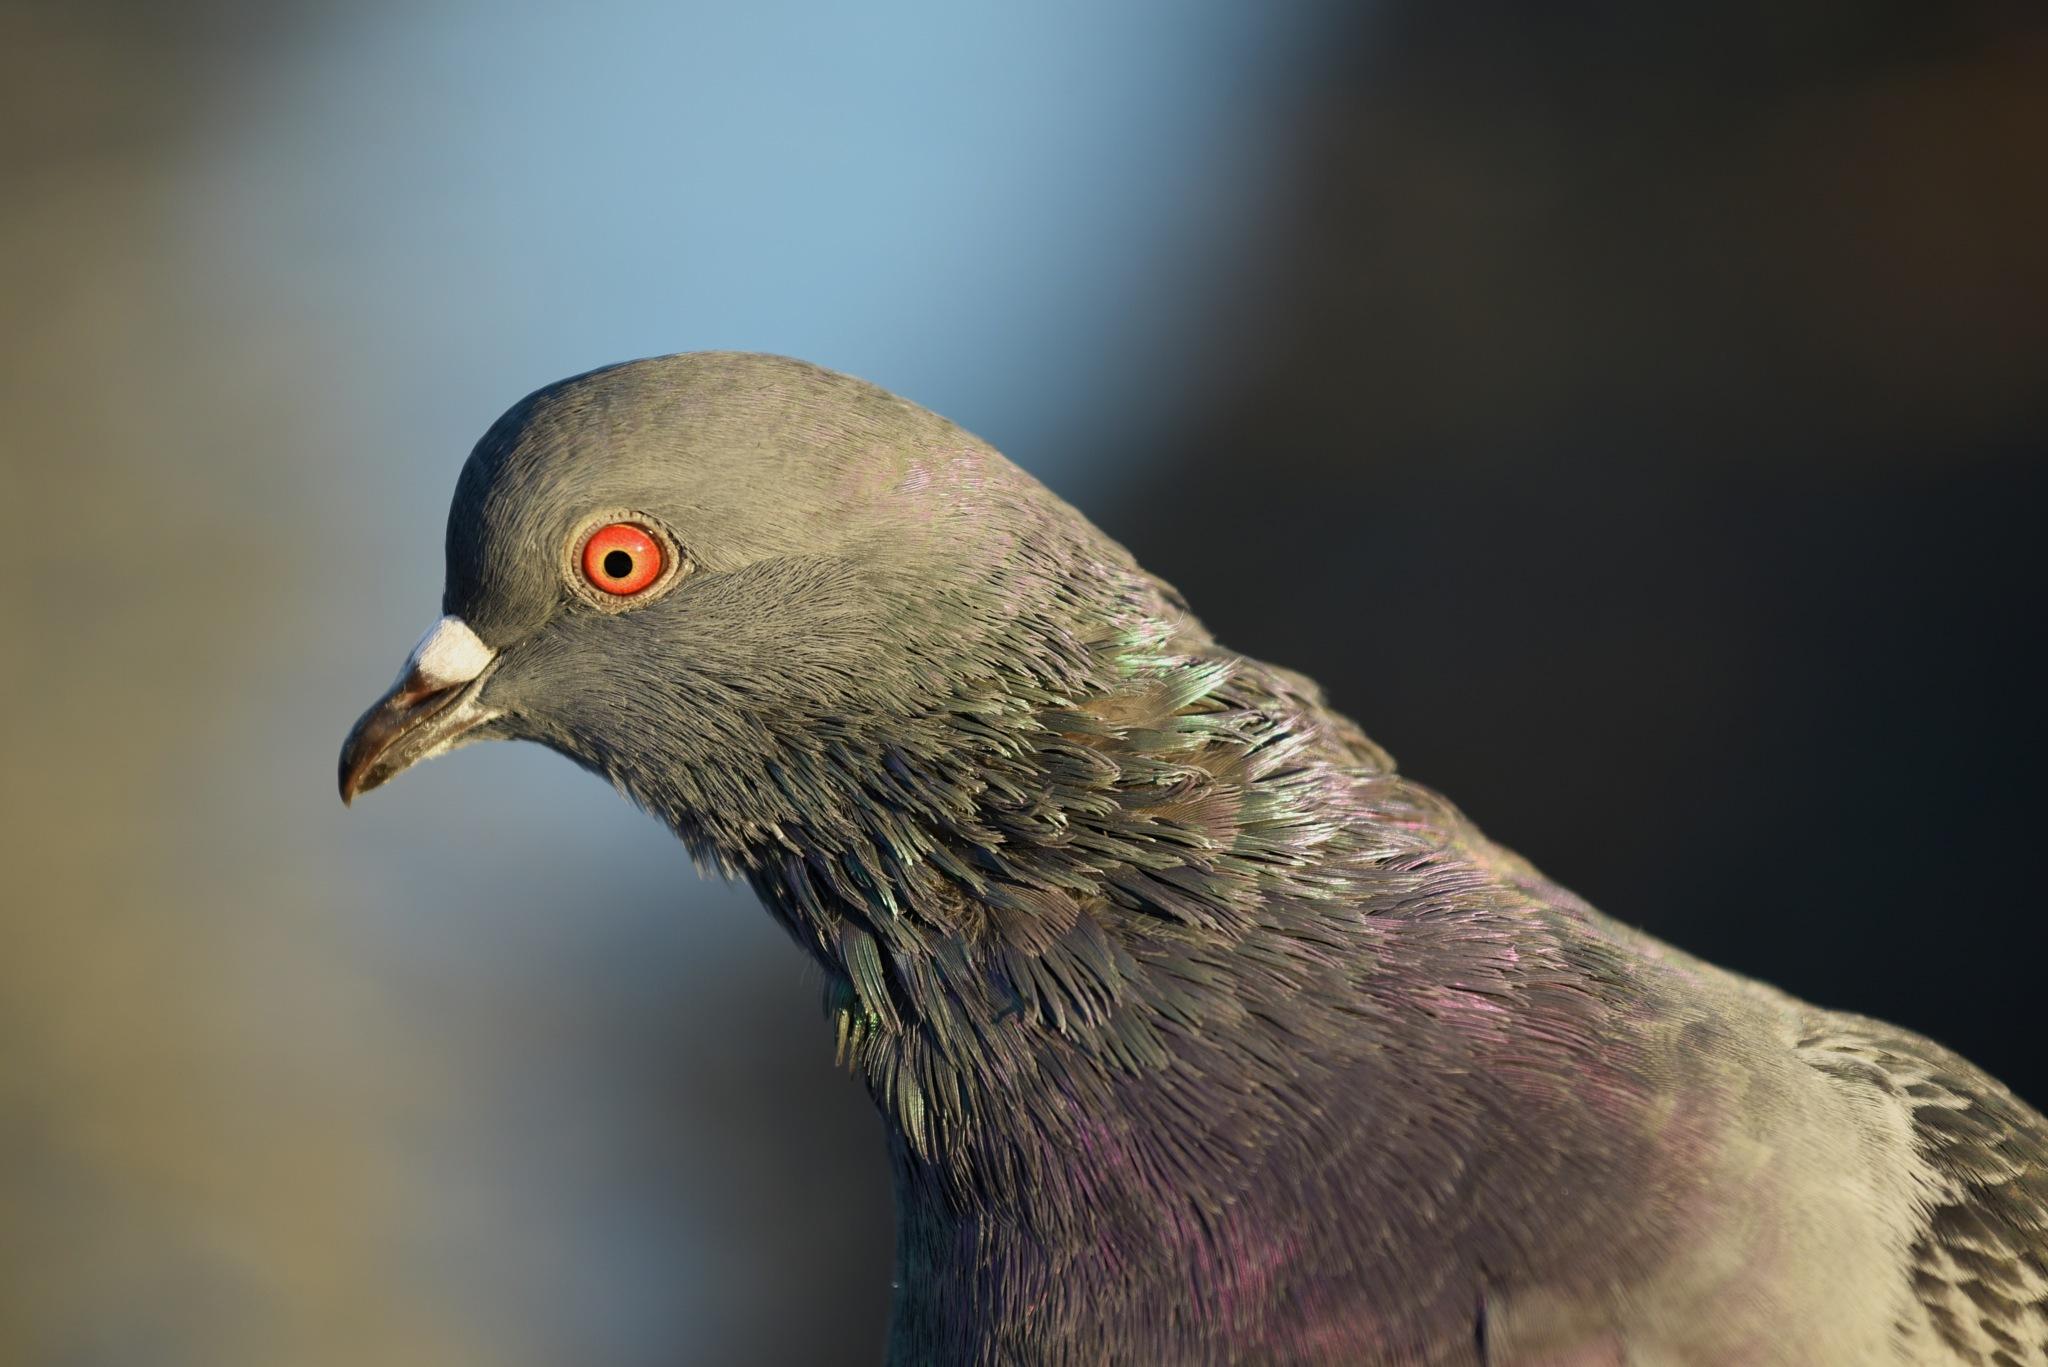 Pigeon portrait by vinland